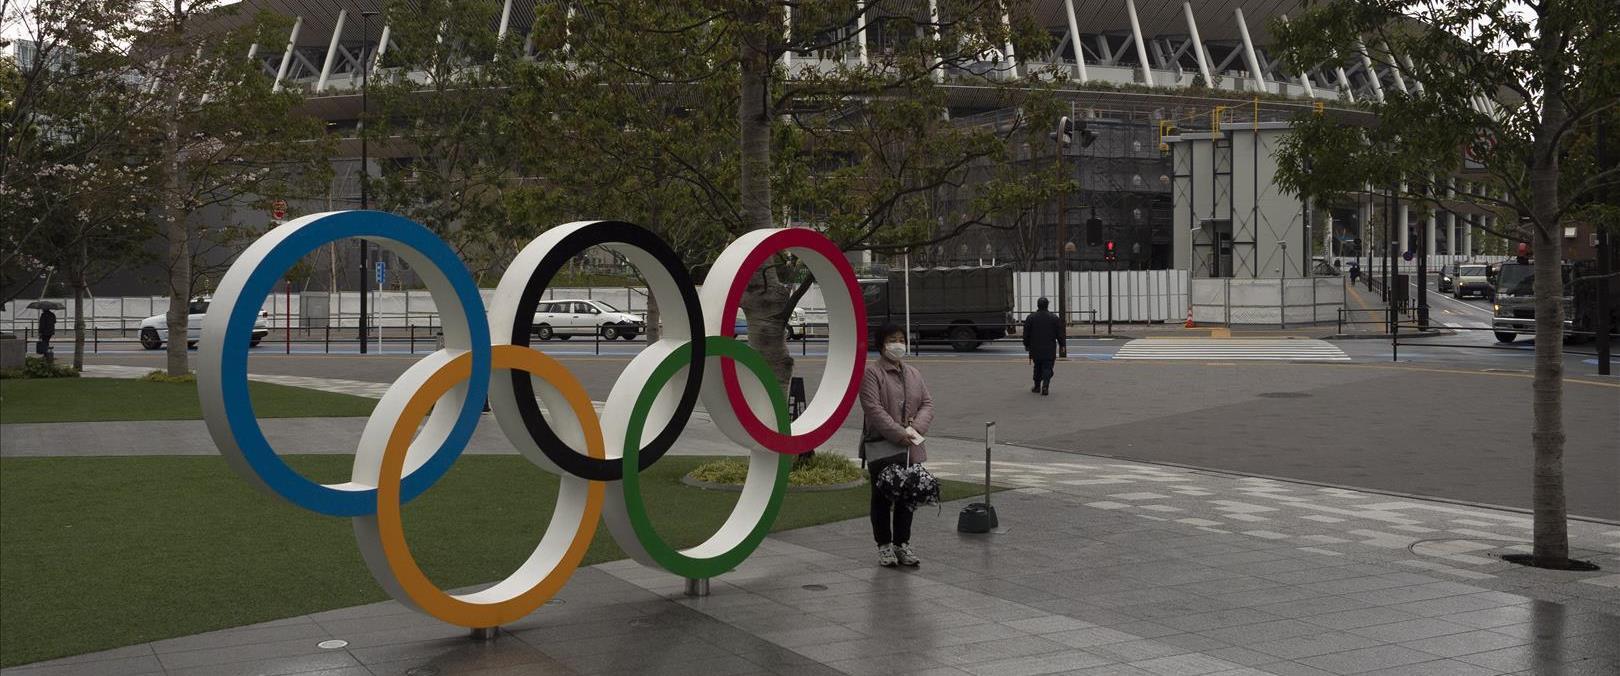 משחקים אולימפיים